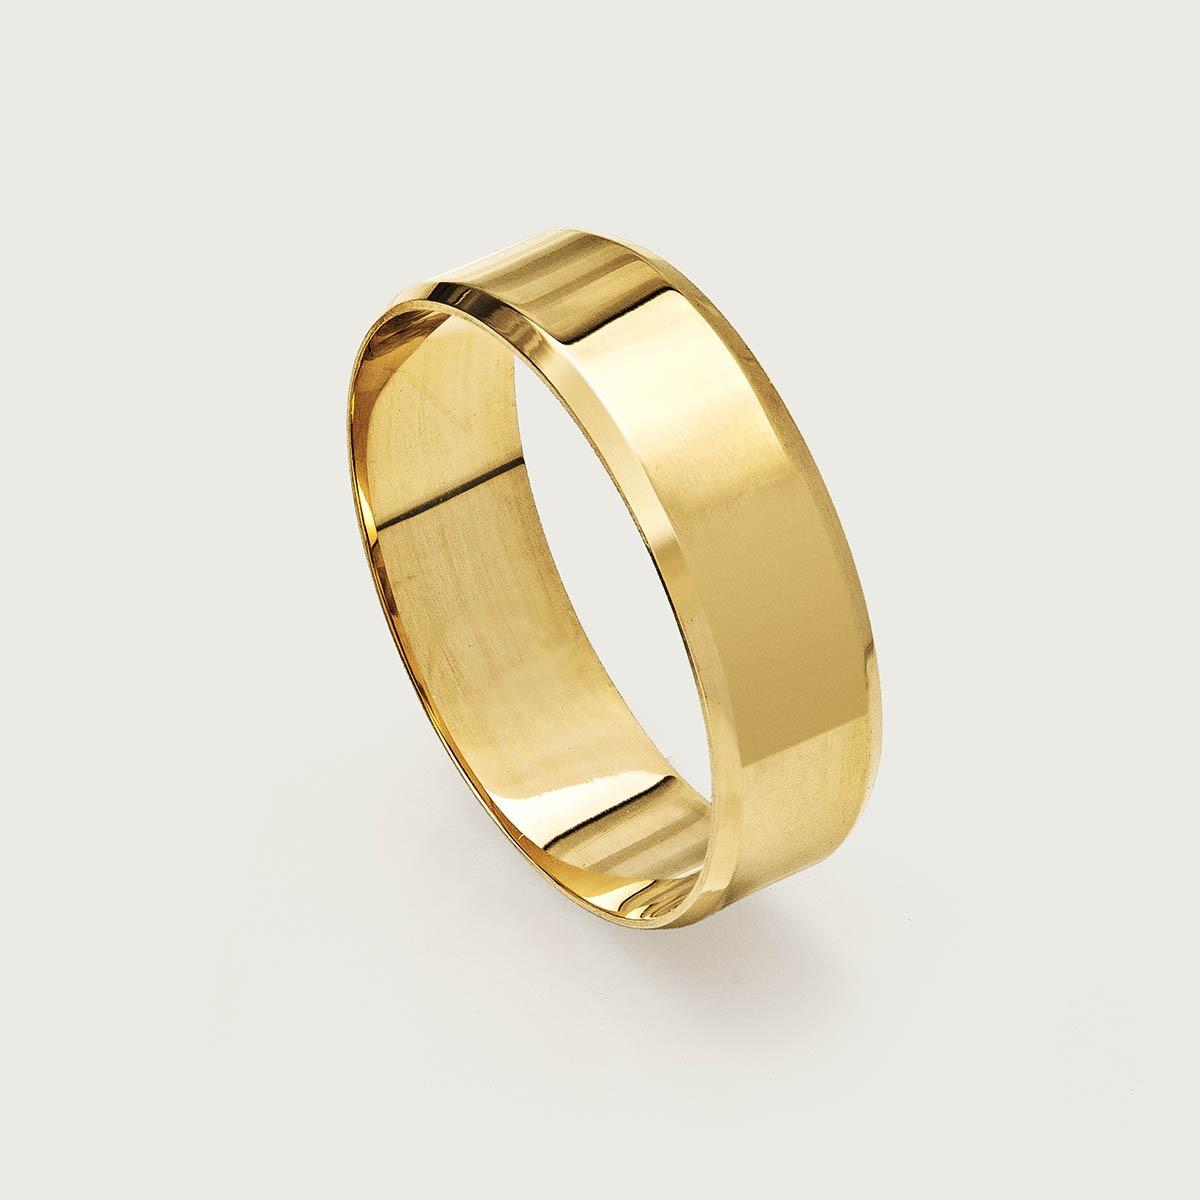 75b7efe8125 Aliança De Noivado Ou Casamento Em Ouro 18k(750). - R  792